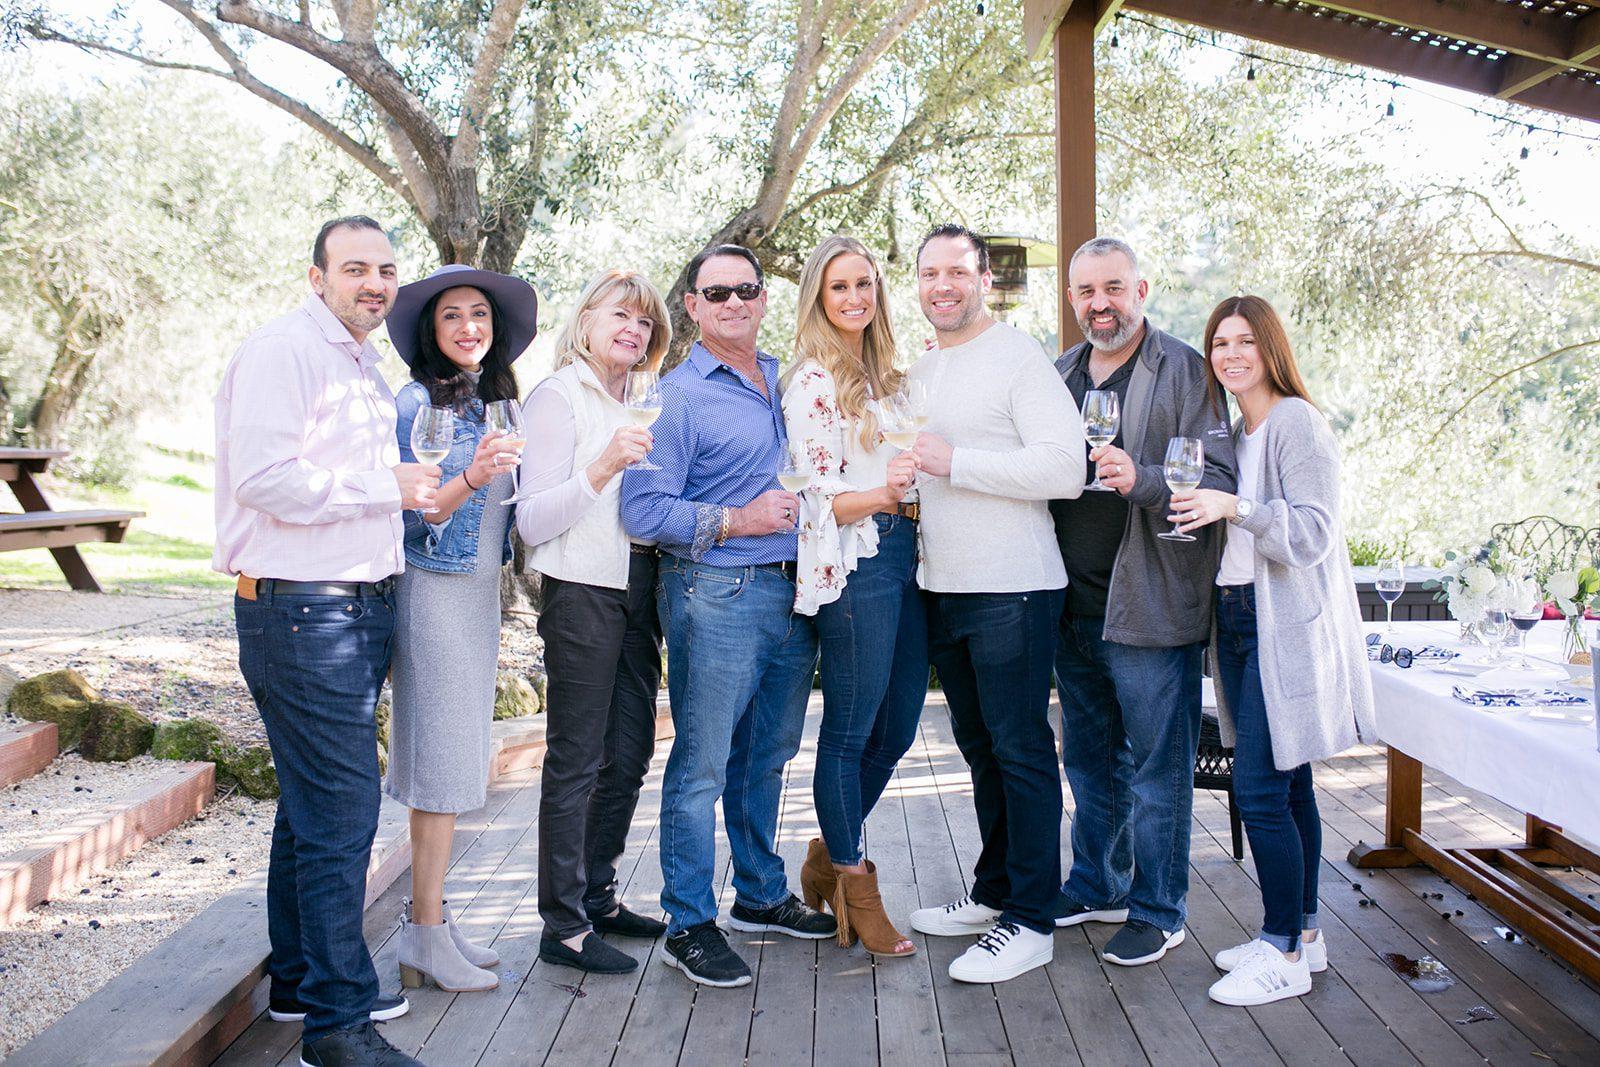 Family celebrating engagement